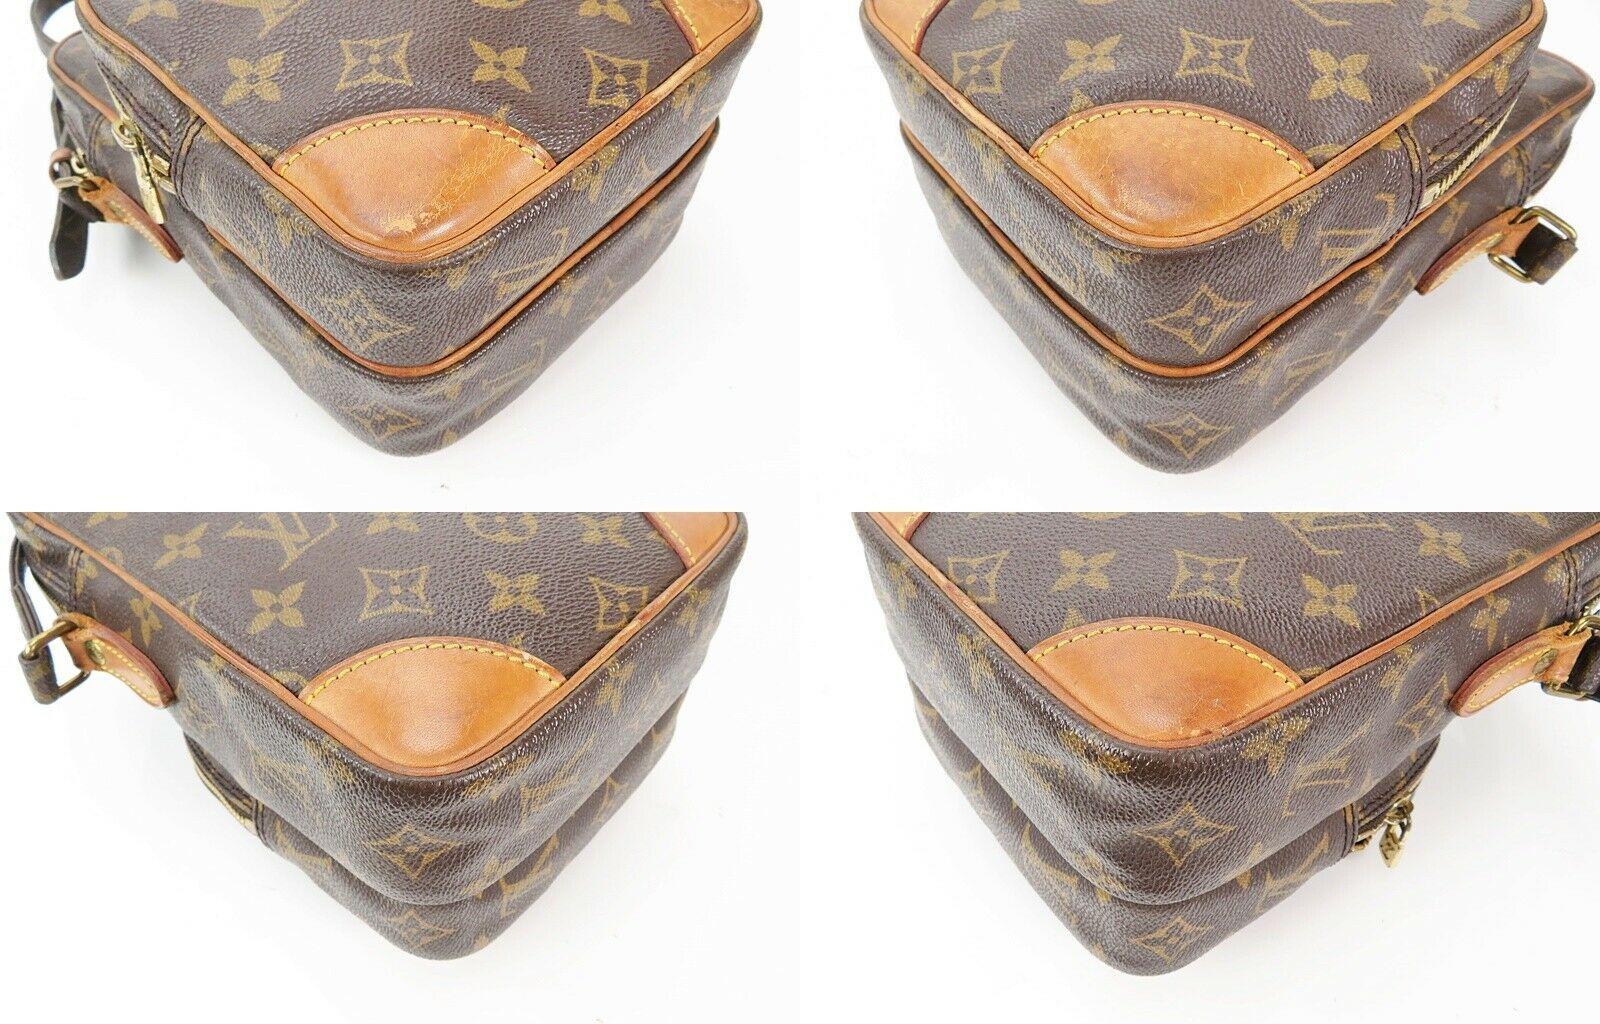 Authentic LOUIS VUITTON Amazone Monogram Cross body Shoulder Bag Purse #34636 image 7